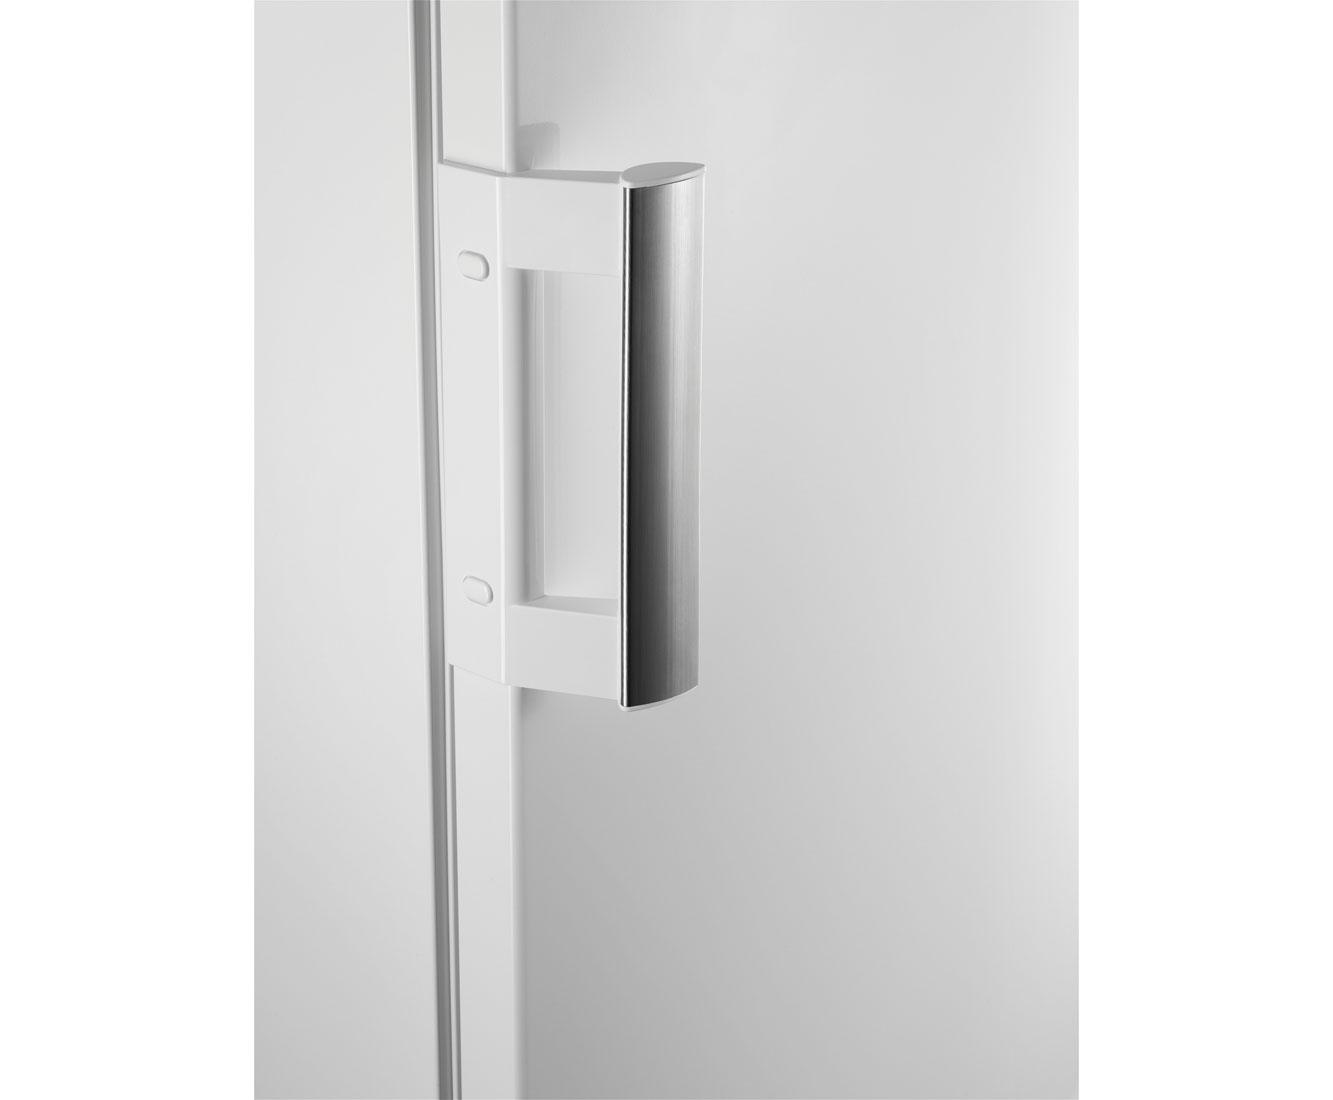 Aeg Kühlschrank Händler : Aeg santo s tsw kühlschrank weiß a